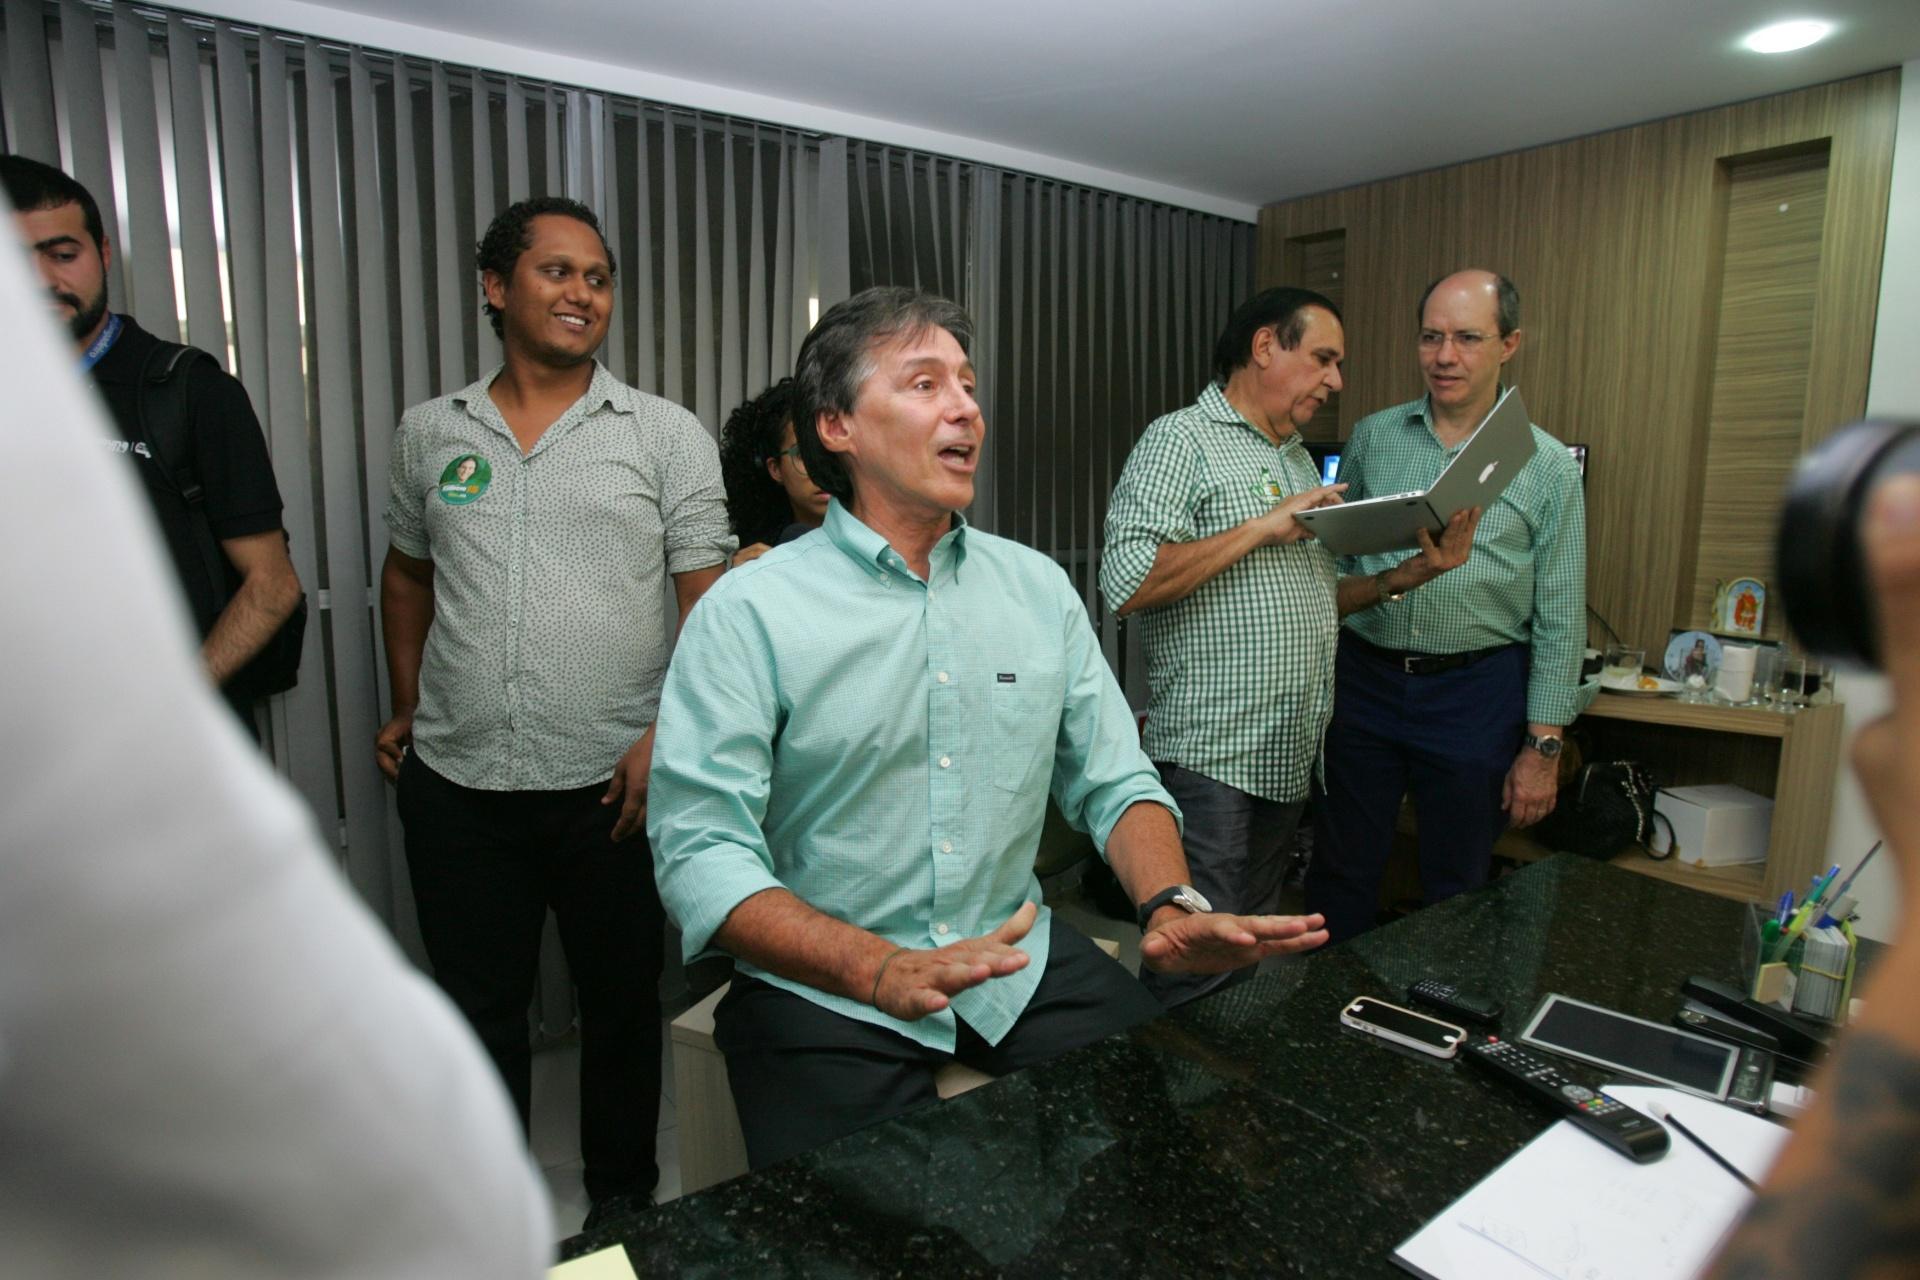 5.out.2014 - Eunício Oliveira, candidato do PMDB ao governo do Ceará, dá entrevista na sede da comitê em Fortaleza, neste domingo (5). Com 46,41% dos votos, ele foi para o segundo turno com o candidato do PT, Camilo Santana, que teve 47,81% dos votos